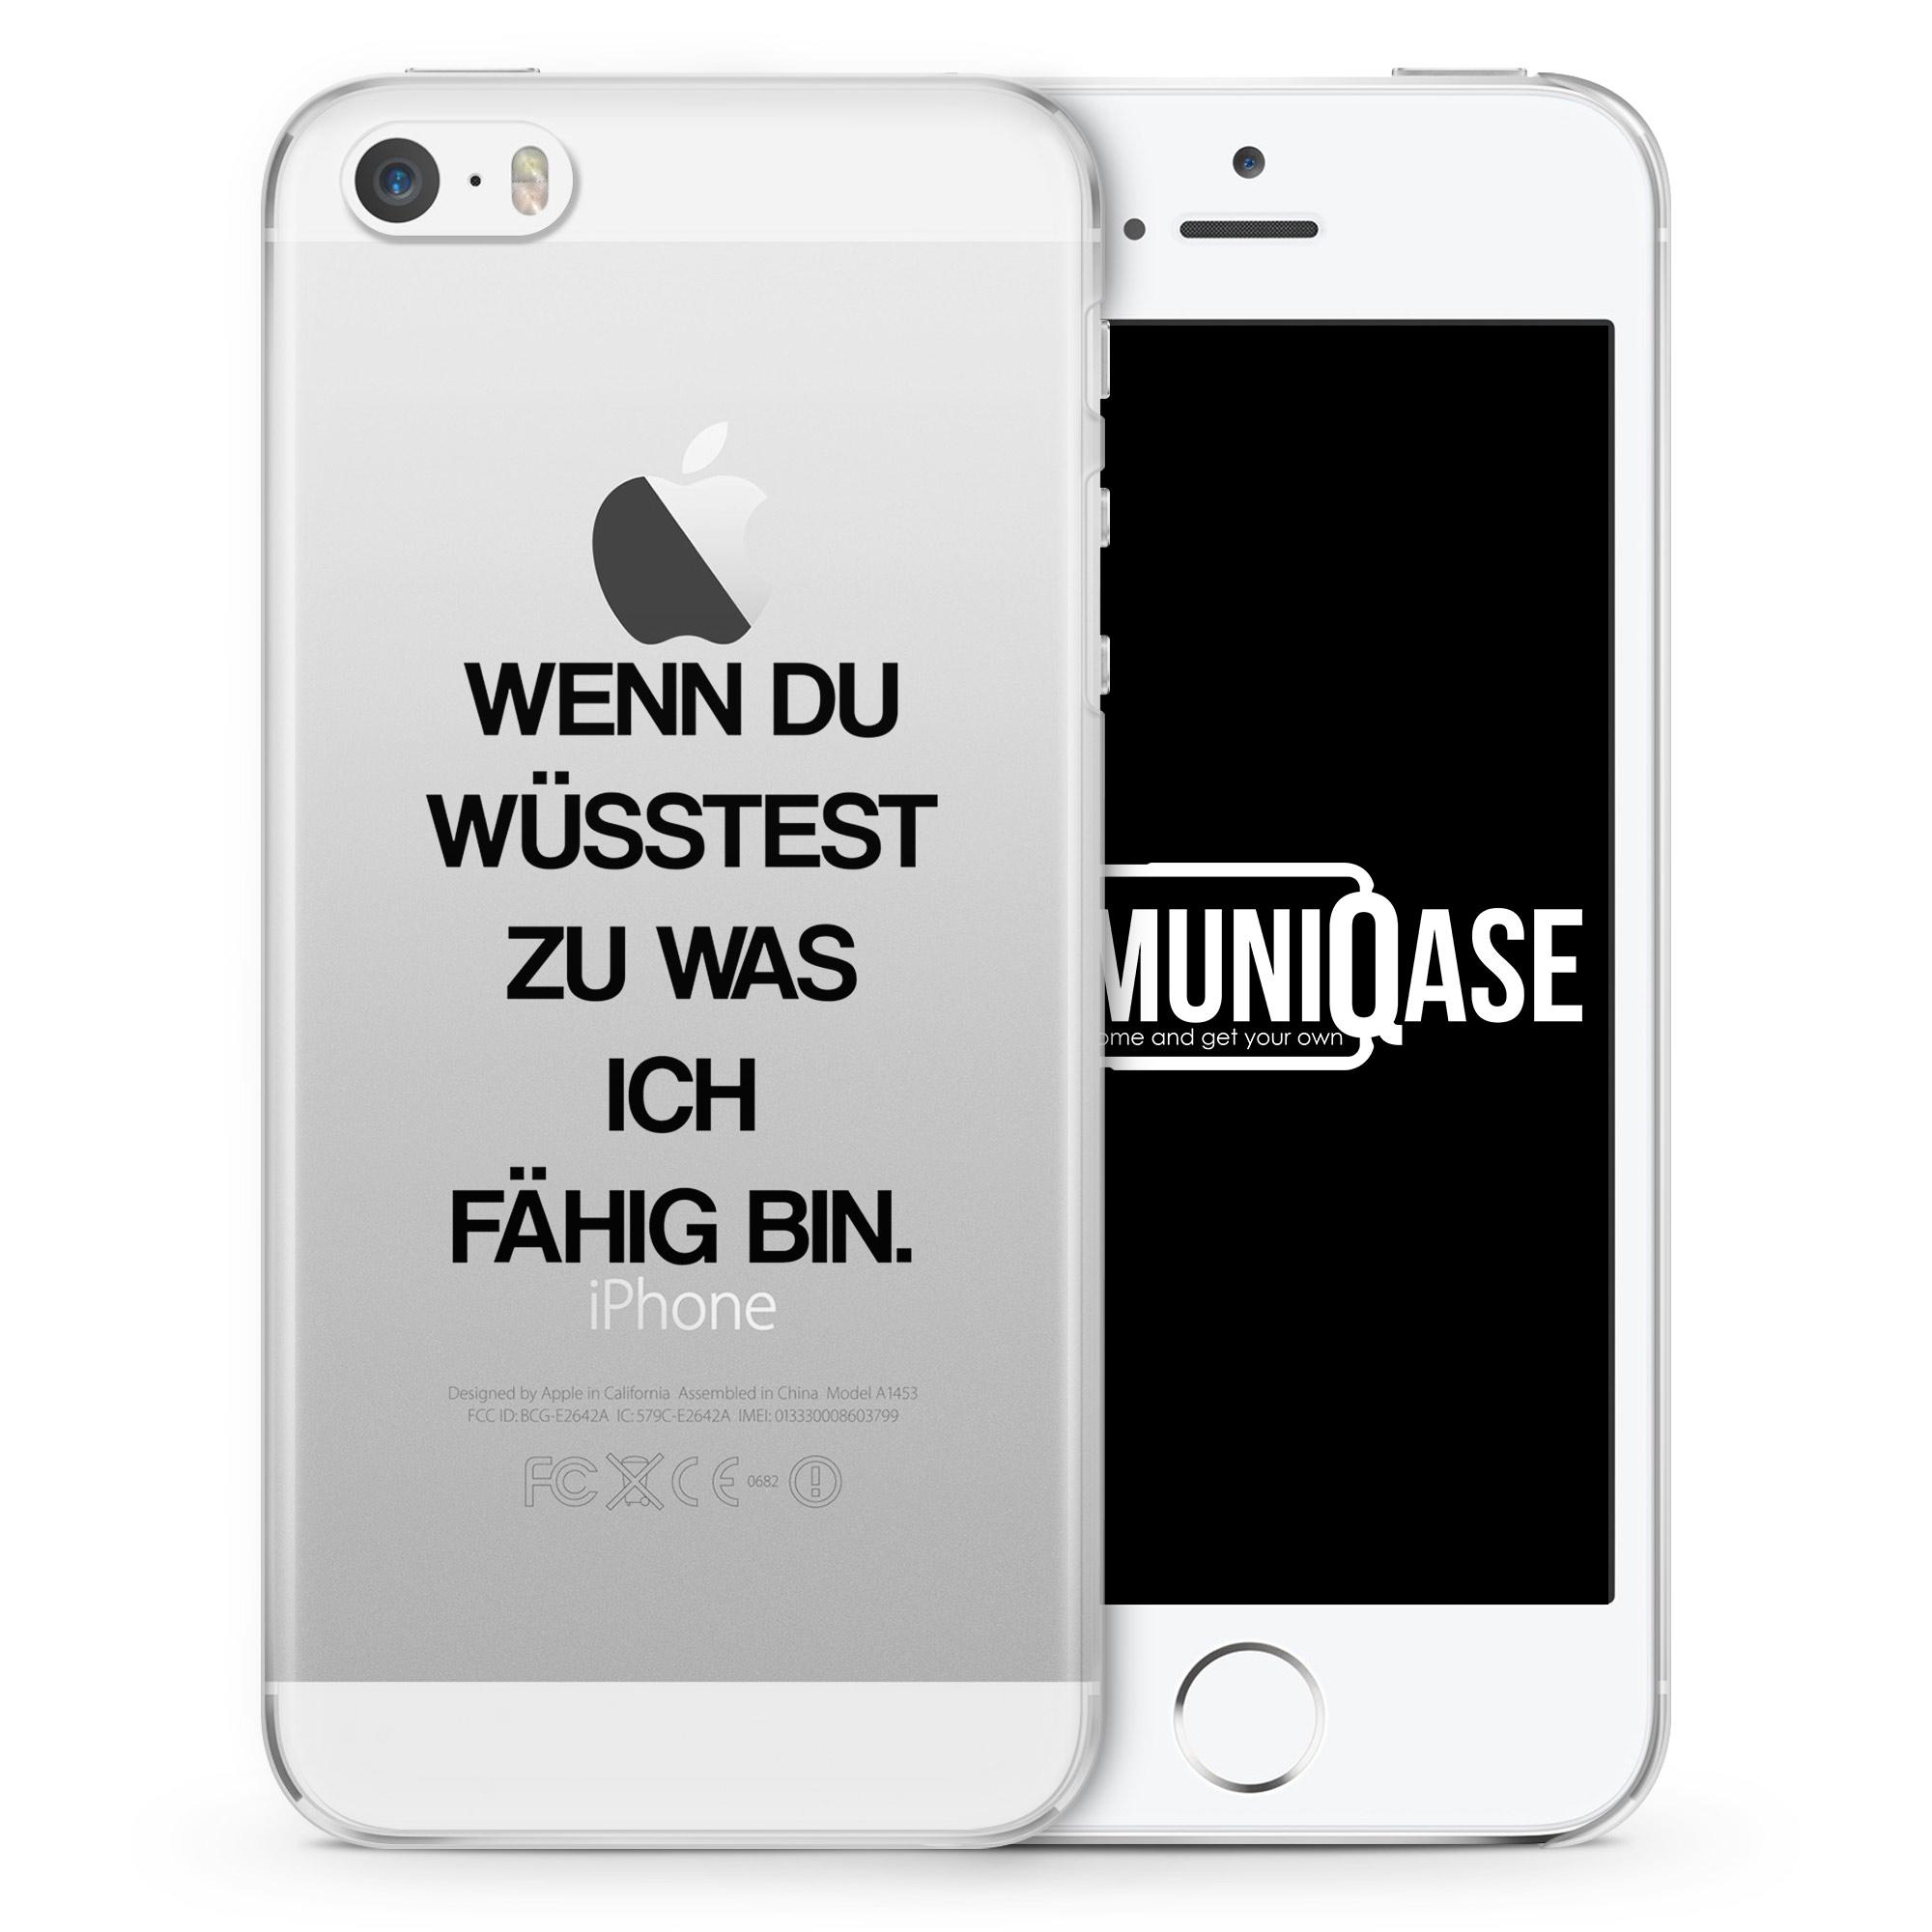 Wenn du wüsstest zu was ich fähig bin - transparente Handyhülle für iPhone SE